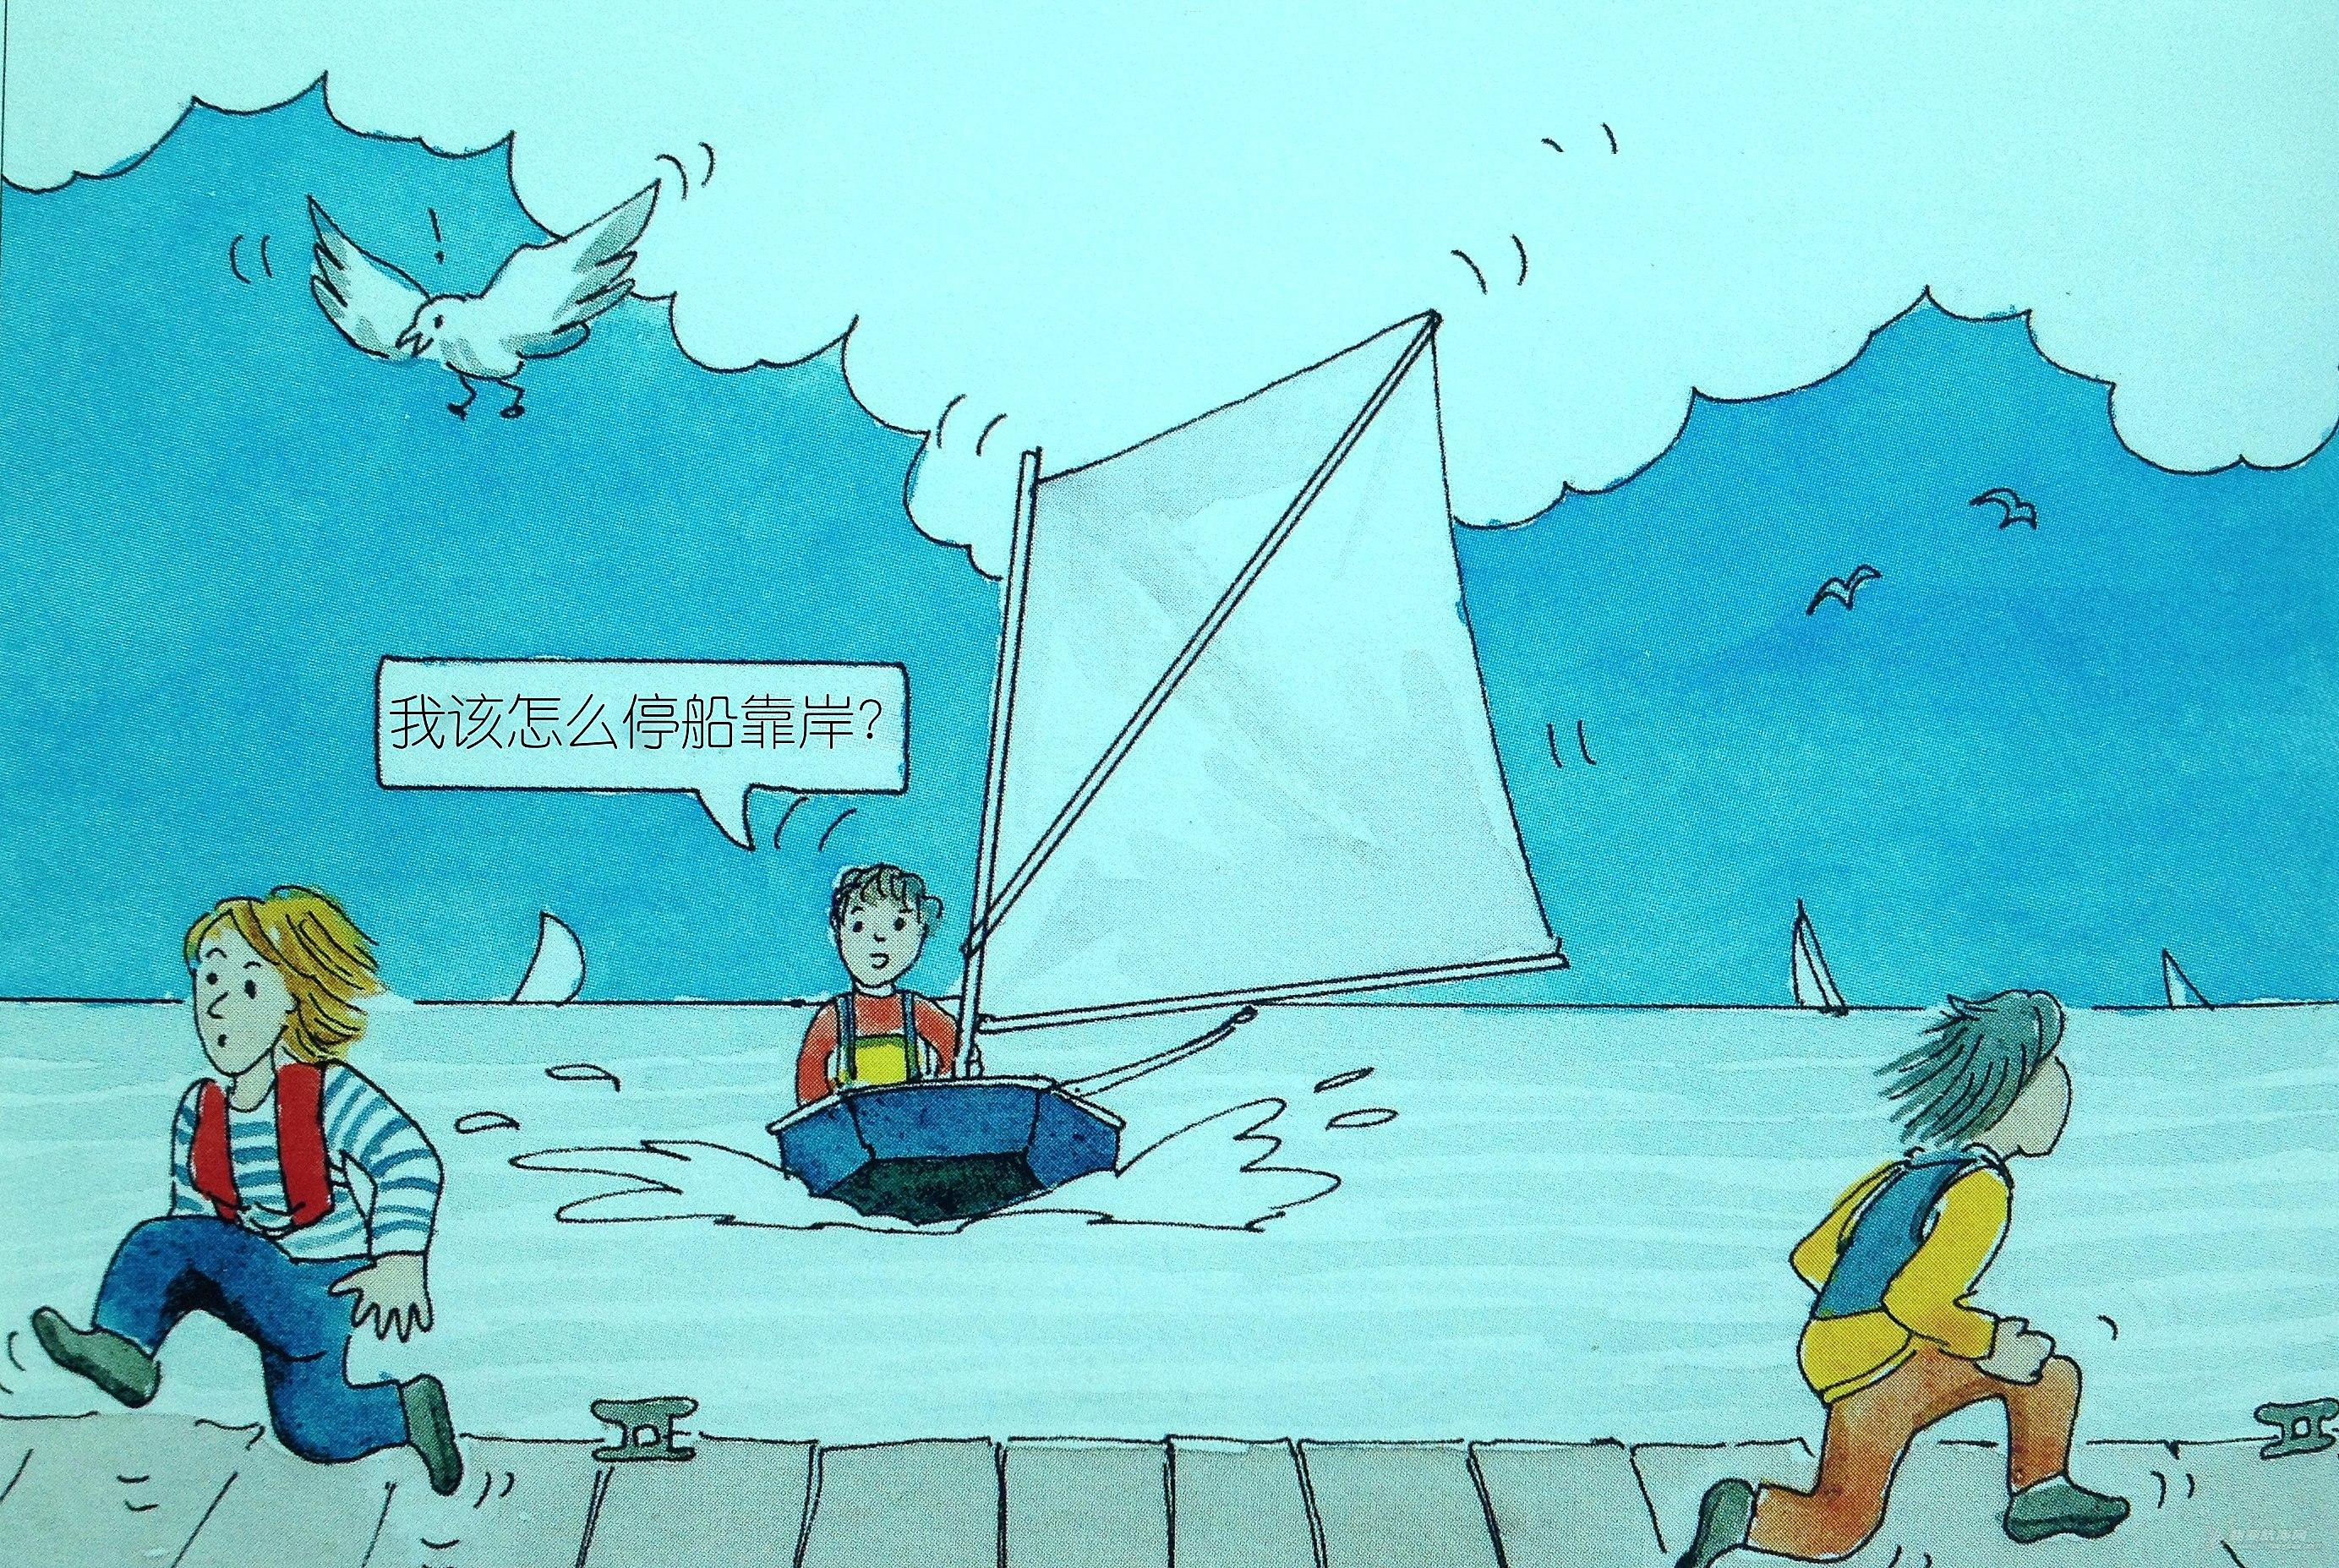 帆船 当遇到只有浮动泊位的码头,这对我们小帆船来说可不是个好消息。